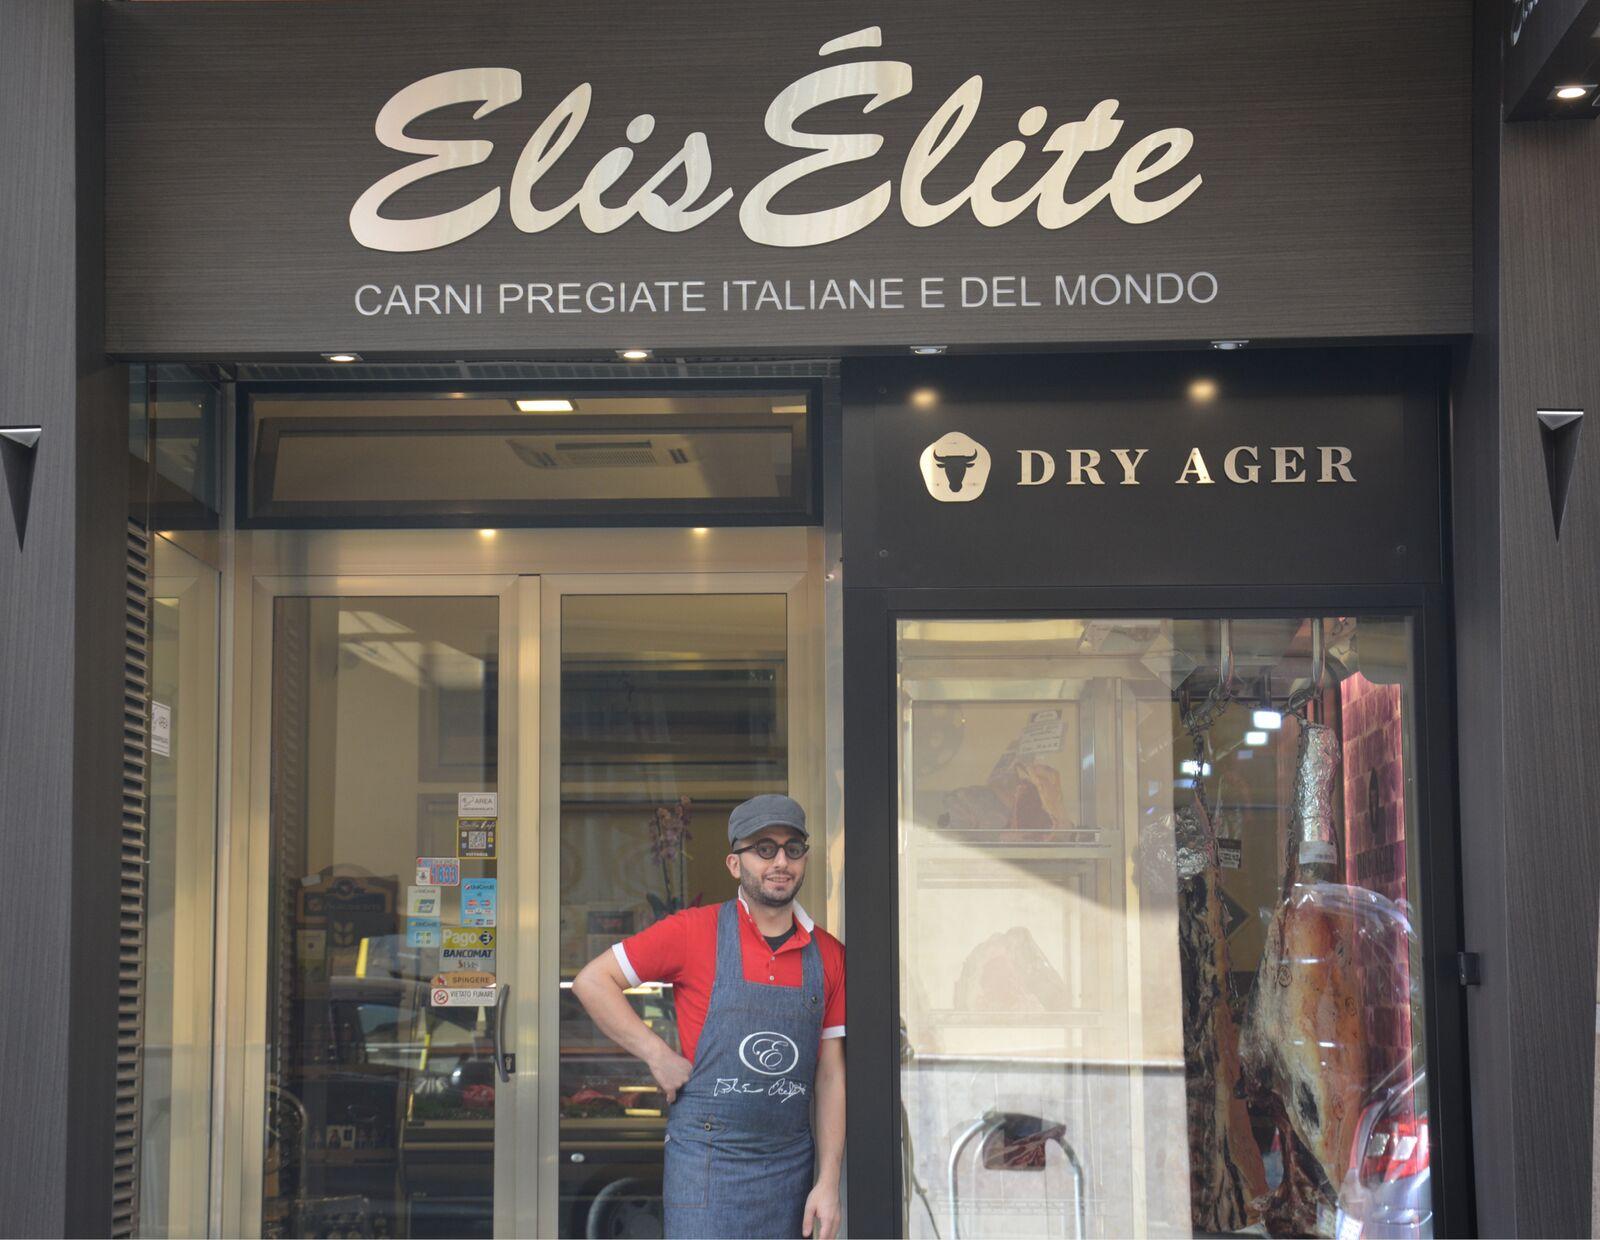 macelleria elis elite